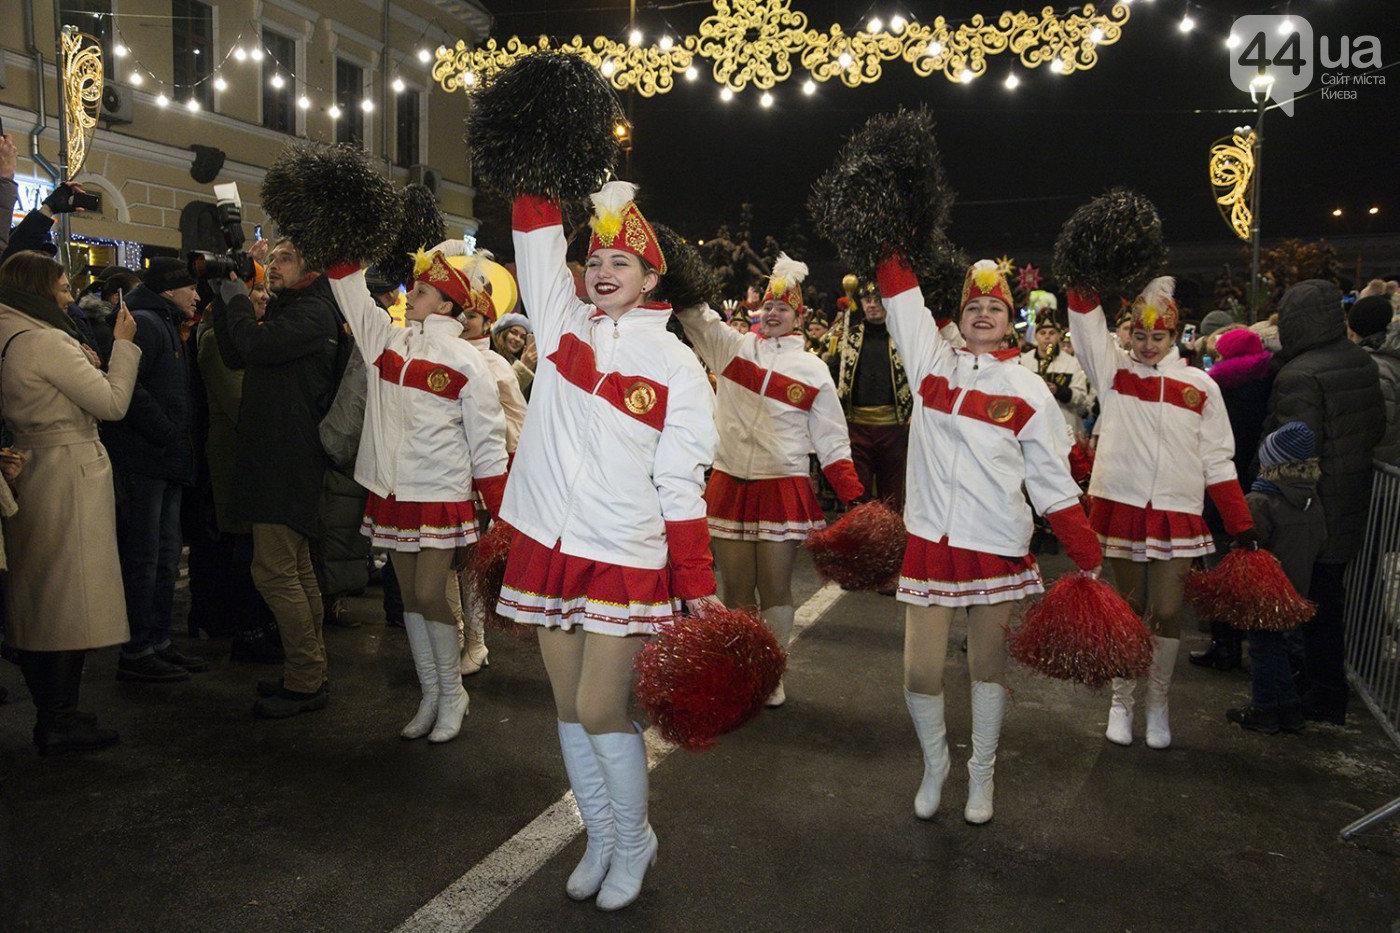 Праздник приближается: в КГГА рассказали, как в Киеве будут праздновать Новый год и Рождество , фото-1